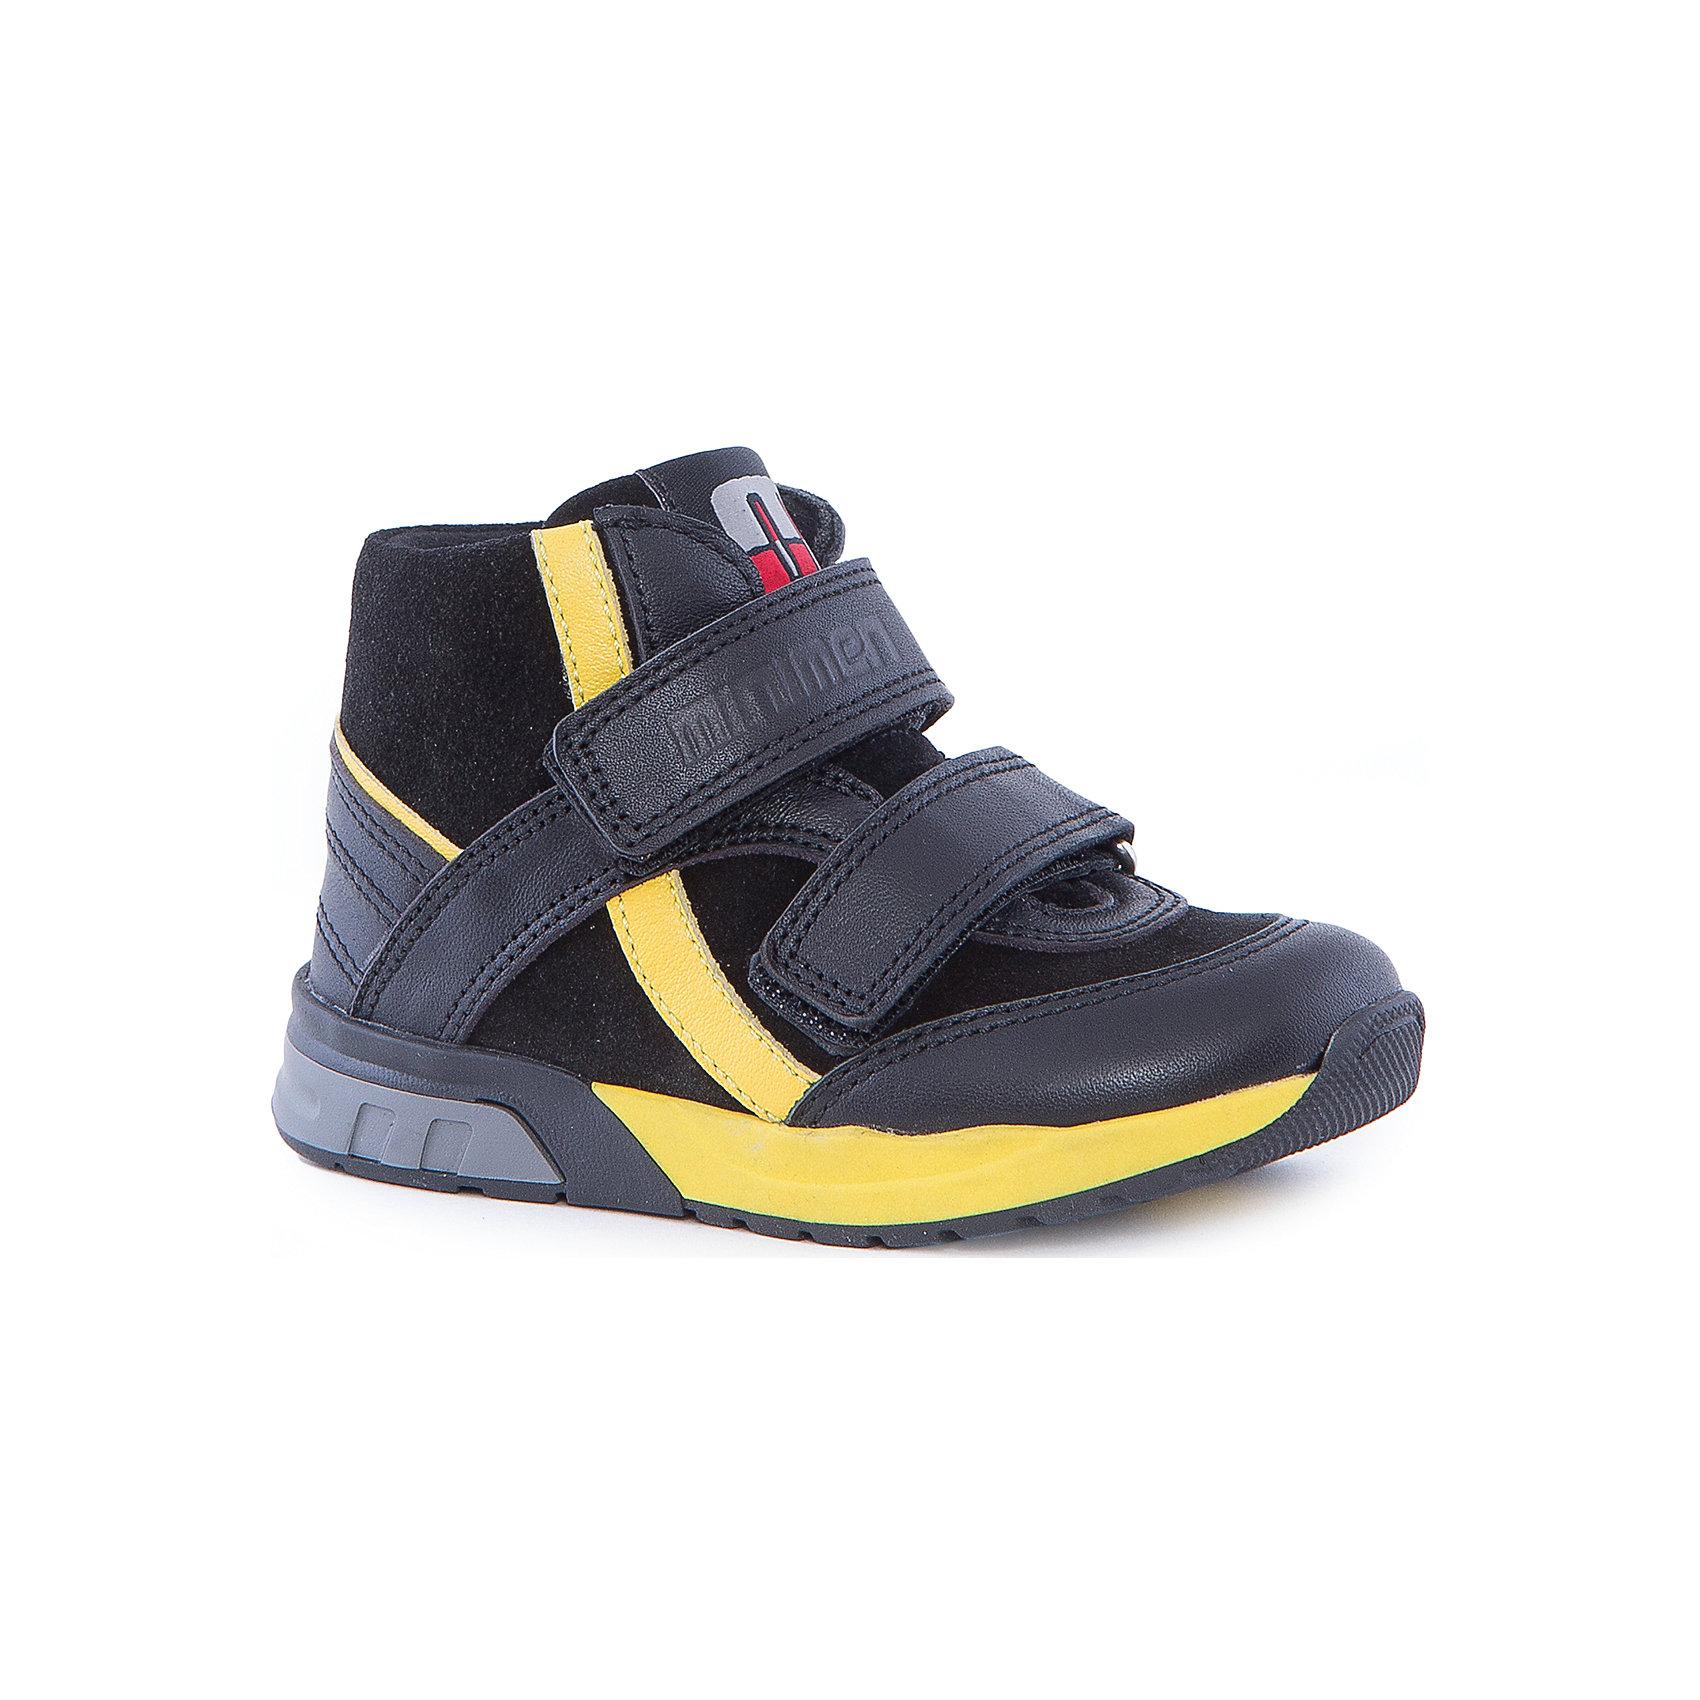 Ботинки для мальчика MinimenБотинки<br>Кожаные ботиночки от Minimen подойдут для осени и теплой зимы. Они имеют уплотненные мыс и задник, ортопедическую стельку, дополнительную прошивку швов. Застегиваются с помощью липучек. Приятный дизайн и комфортная обувь для вашего ребенка!<br><br>Дополнительная информация:<br>Стелька: супинатор<br>Цвет: черный<br>Сезон: осень-зима<br>Материал: 100% кожа. Подкладка: текстиль<br><br>Ботинки Minimen можно купить в нашем интернет-магазине.<br><br>Ширина мм: 262<br>Глубина мм: 176<br>Высота мм: 97<br>Вес г: 427<br>Цвет: черный<br>Возраст от месяцев: 9<br>Возраст до месяцев: 12<br>Пол: Мужской<br>Возраст: Детский<br>Размер: 20,24,21,22,23<br>SKU: 4969888